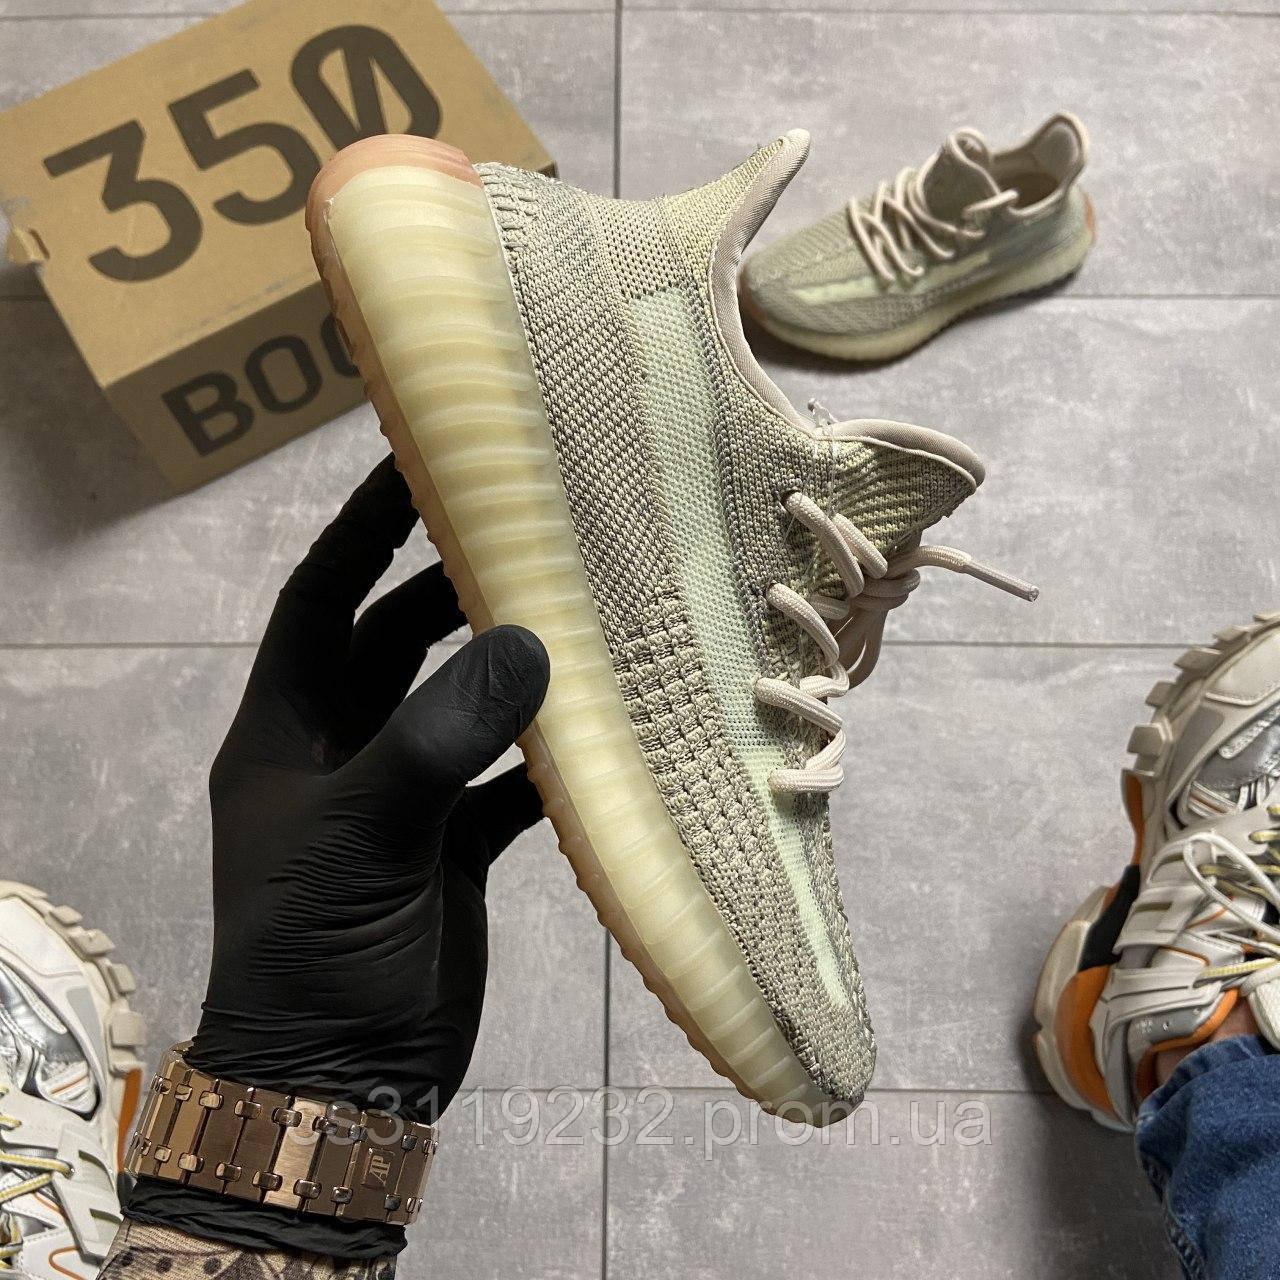 Мужские кроссовки Adidas Yeezy Boost 350 V2 Grey Beige (серо-бежевые)